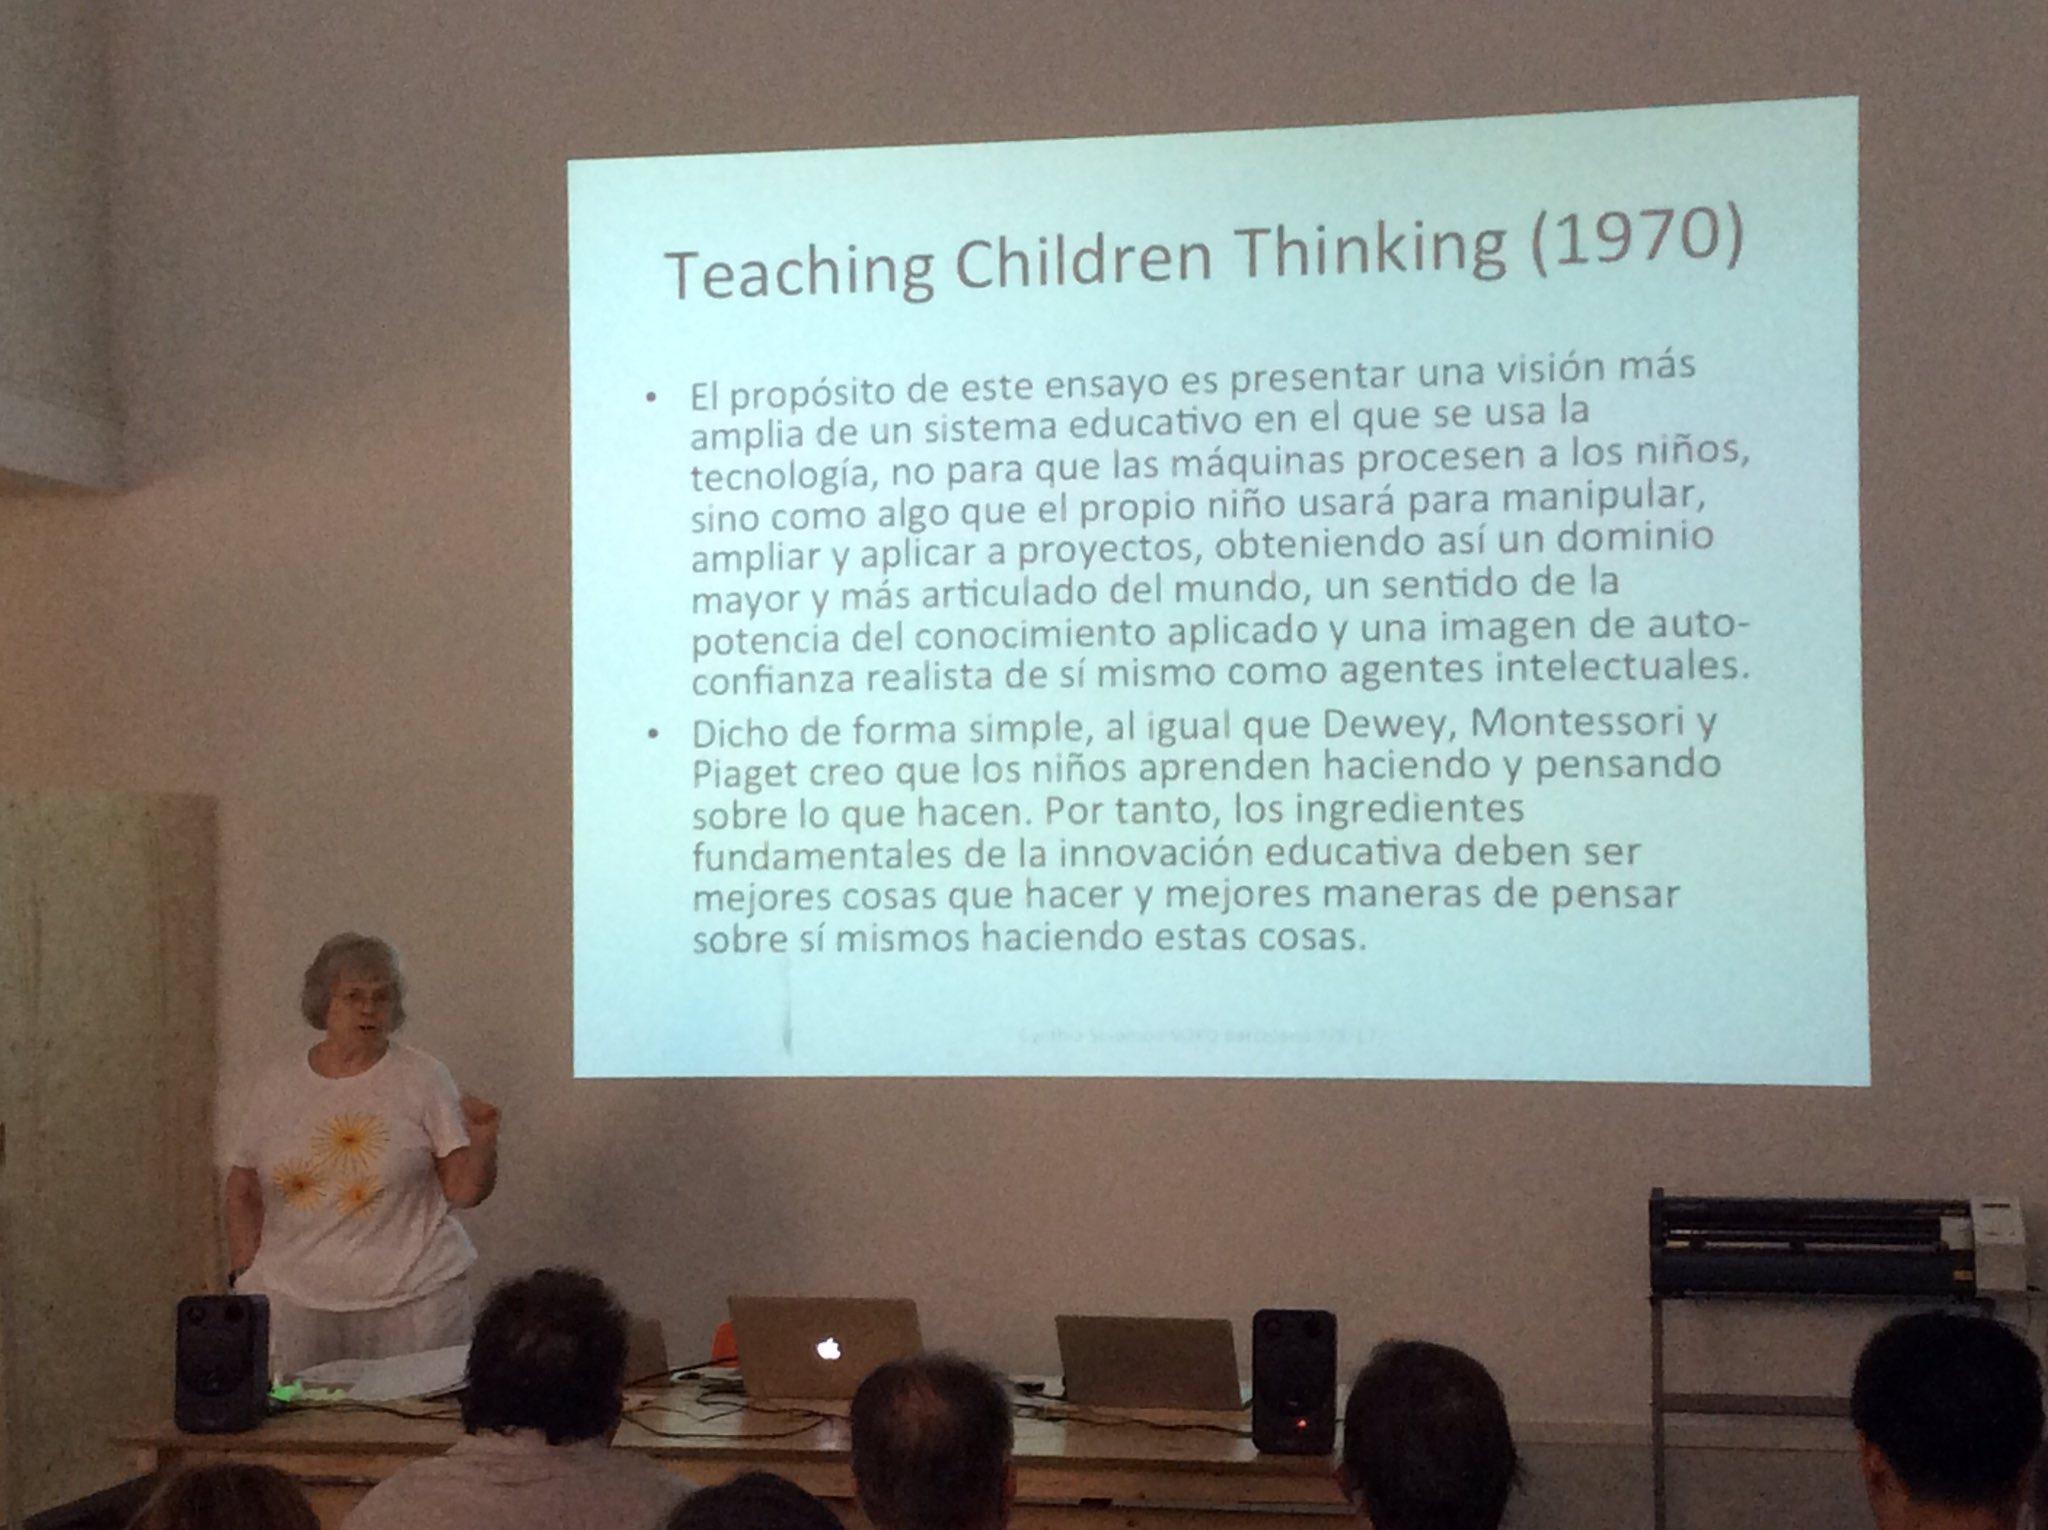 Sense cap mena de dubte, els infants aprenen fent i pensant sobre allò que fan. No és res de nou, com veieu! Cynthia Solomon a #50yearsLOGO https://t.co/037VKX2KvU